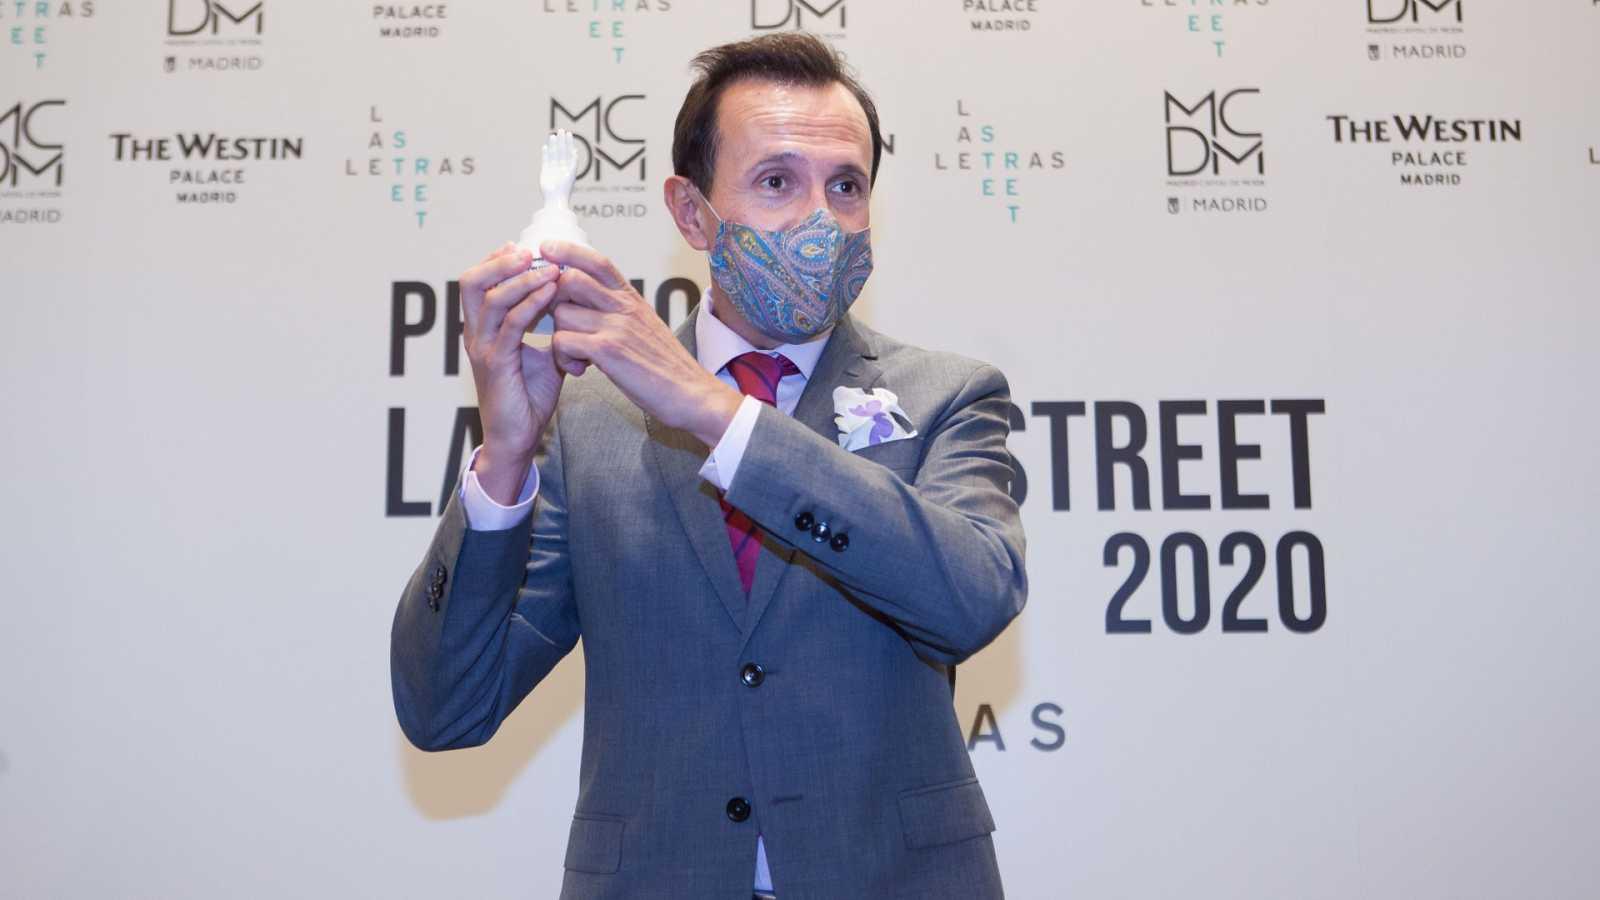 Nuestro director Premio Las Letras Street